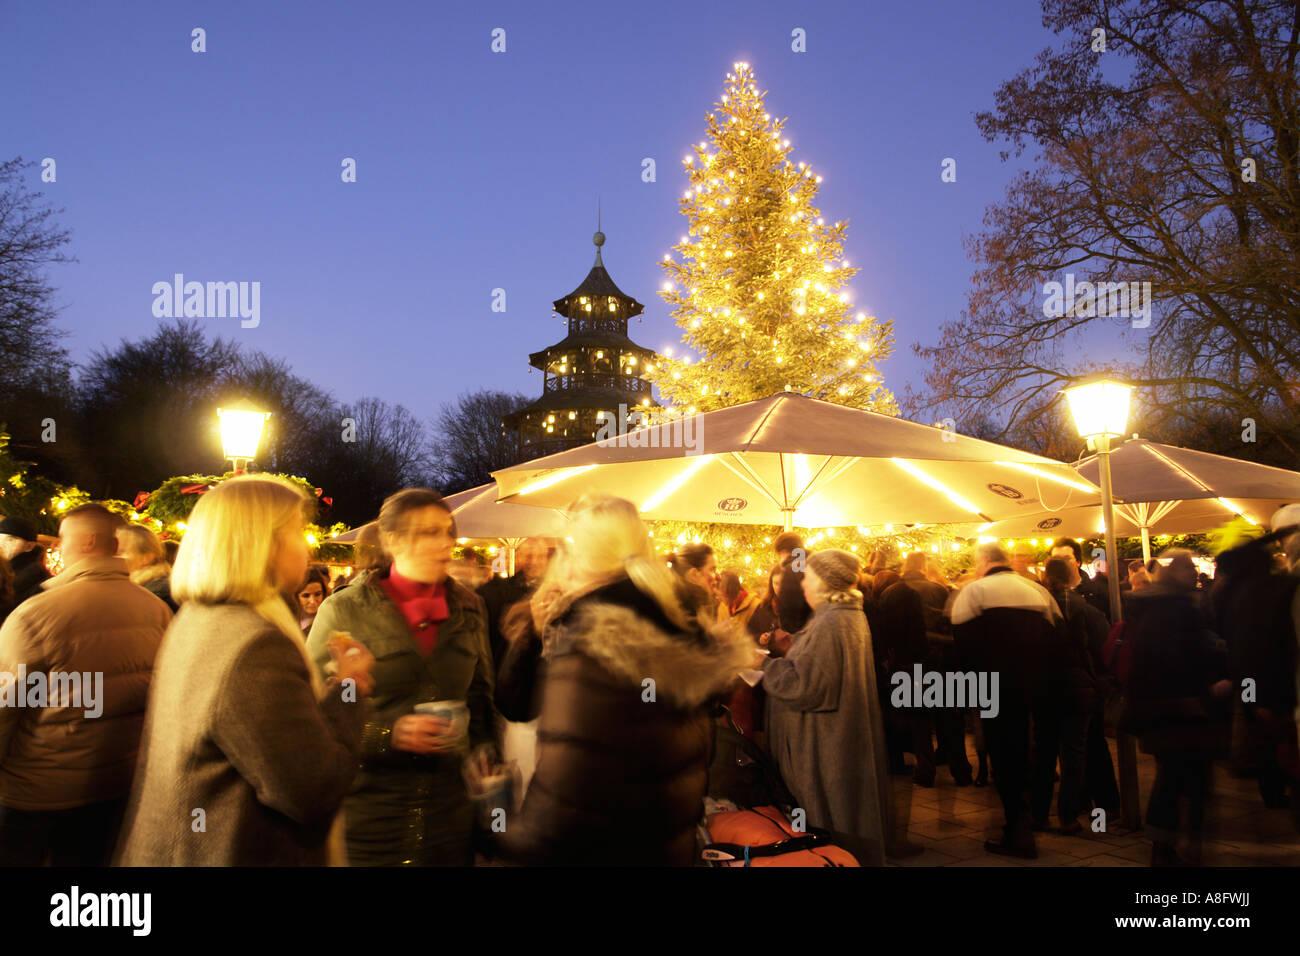 La tour chinoise Jardin Anglais de Munich Bavaria Allemagne Marché de Noël Banque D'Images